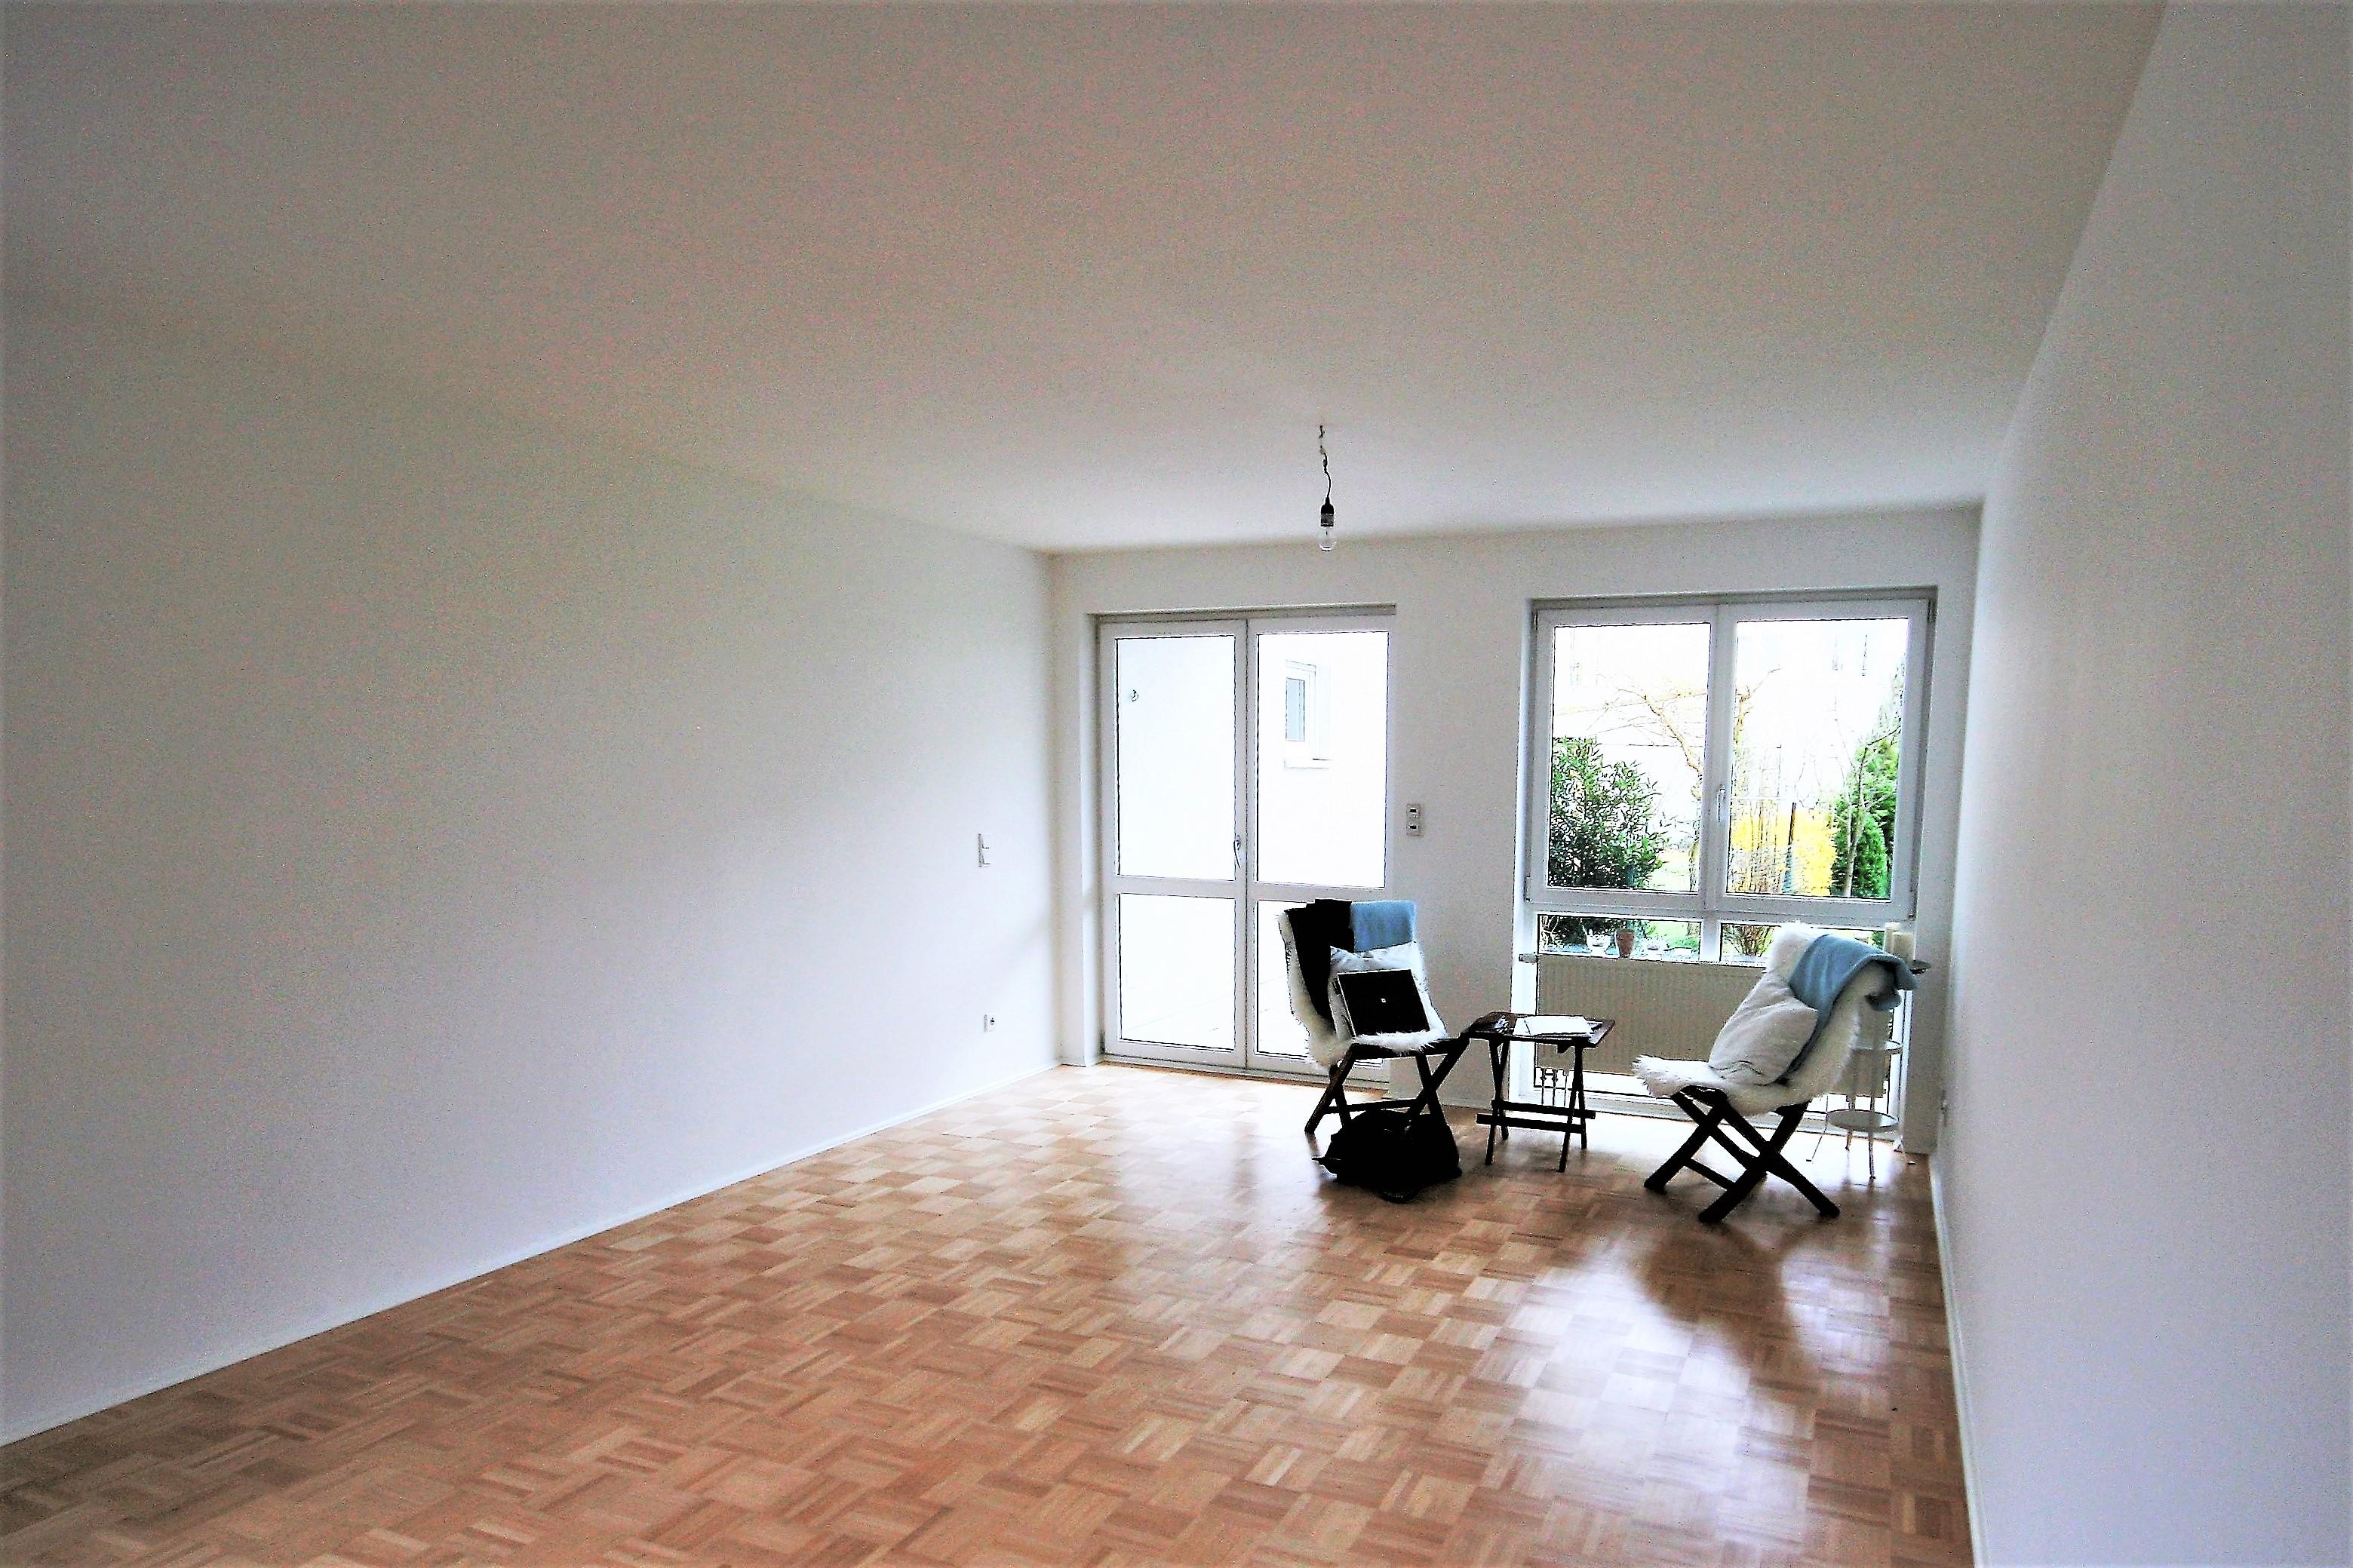 Unglaublich Homestaging München Dekoration Von Wohnzimmer Vorher